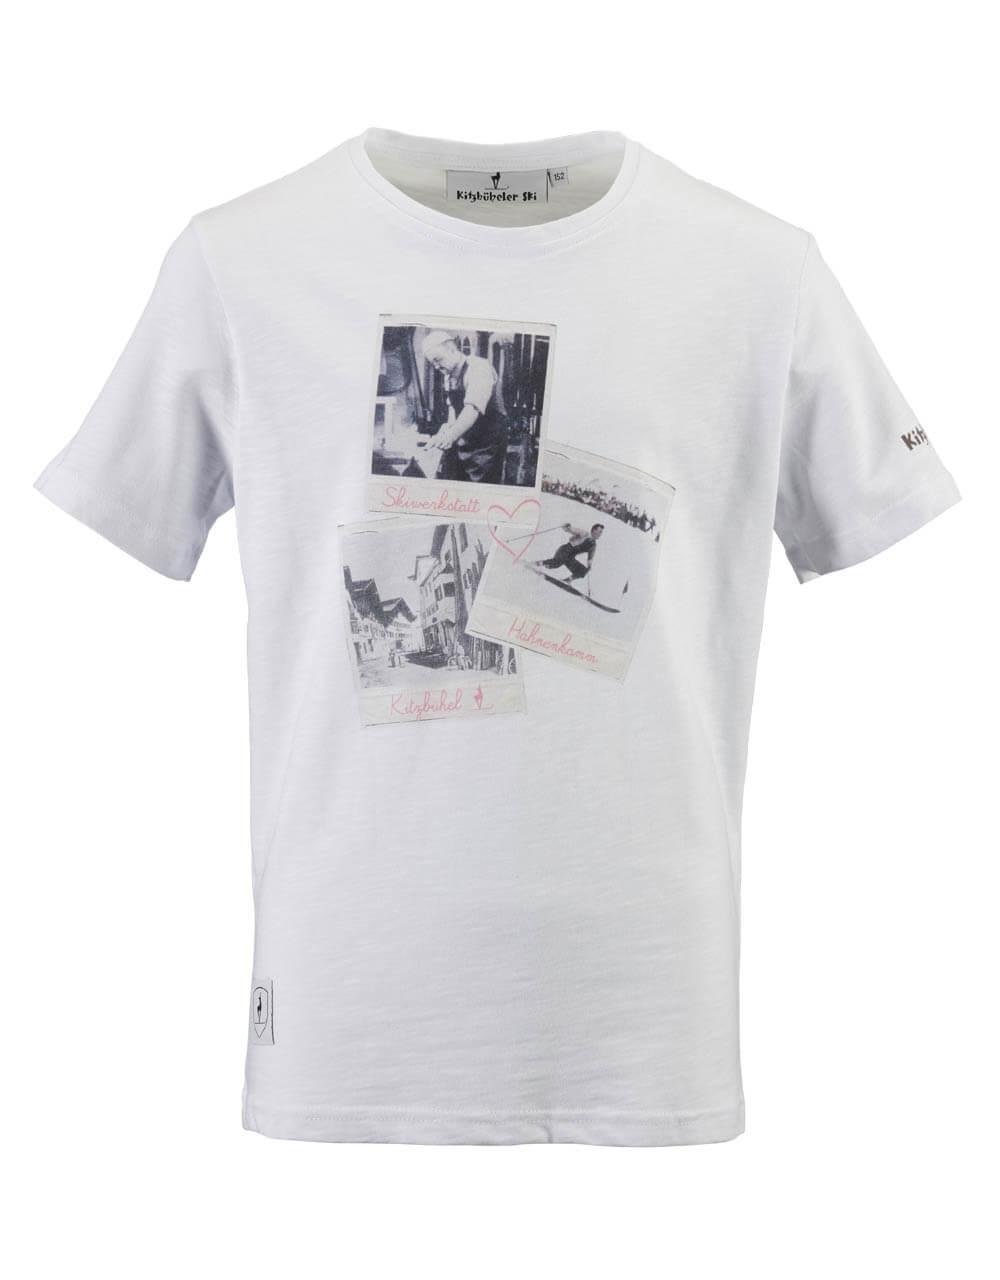 680107600 Kinder T-Shirt weiss Foto